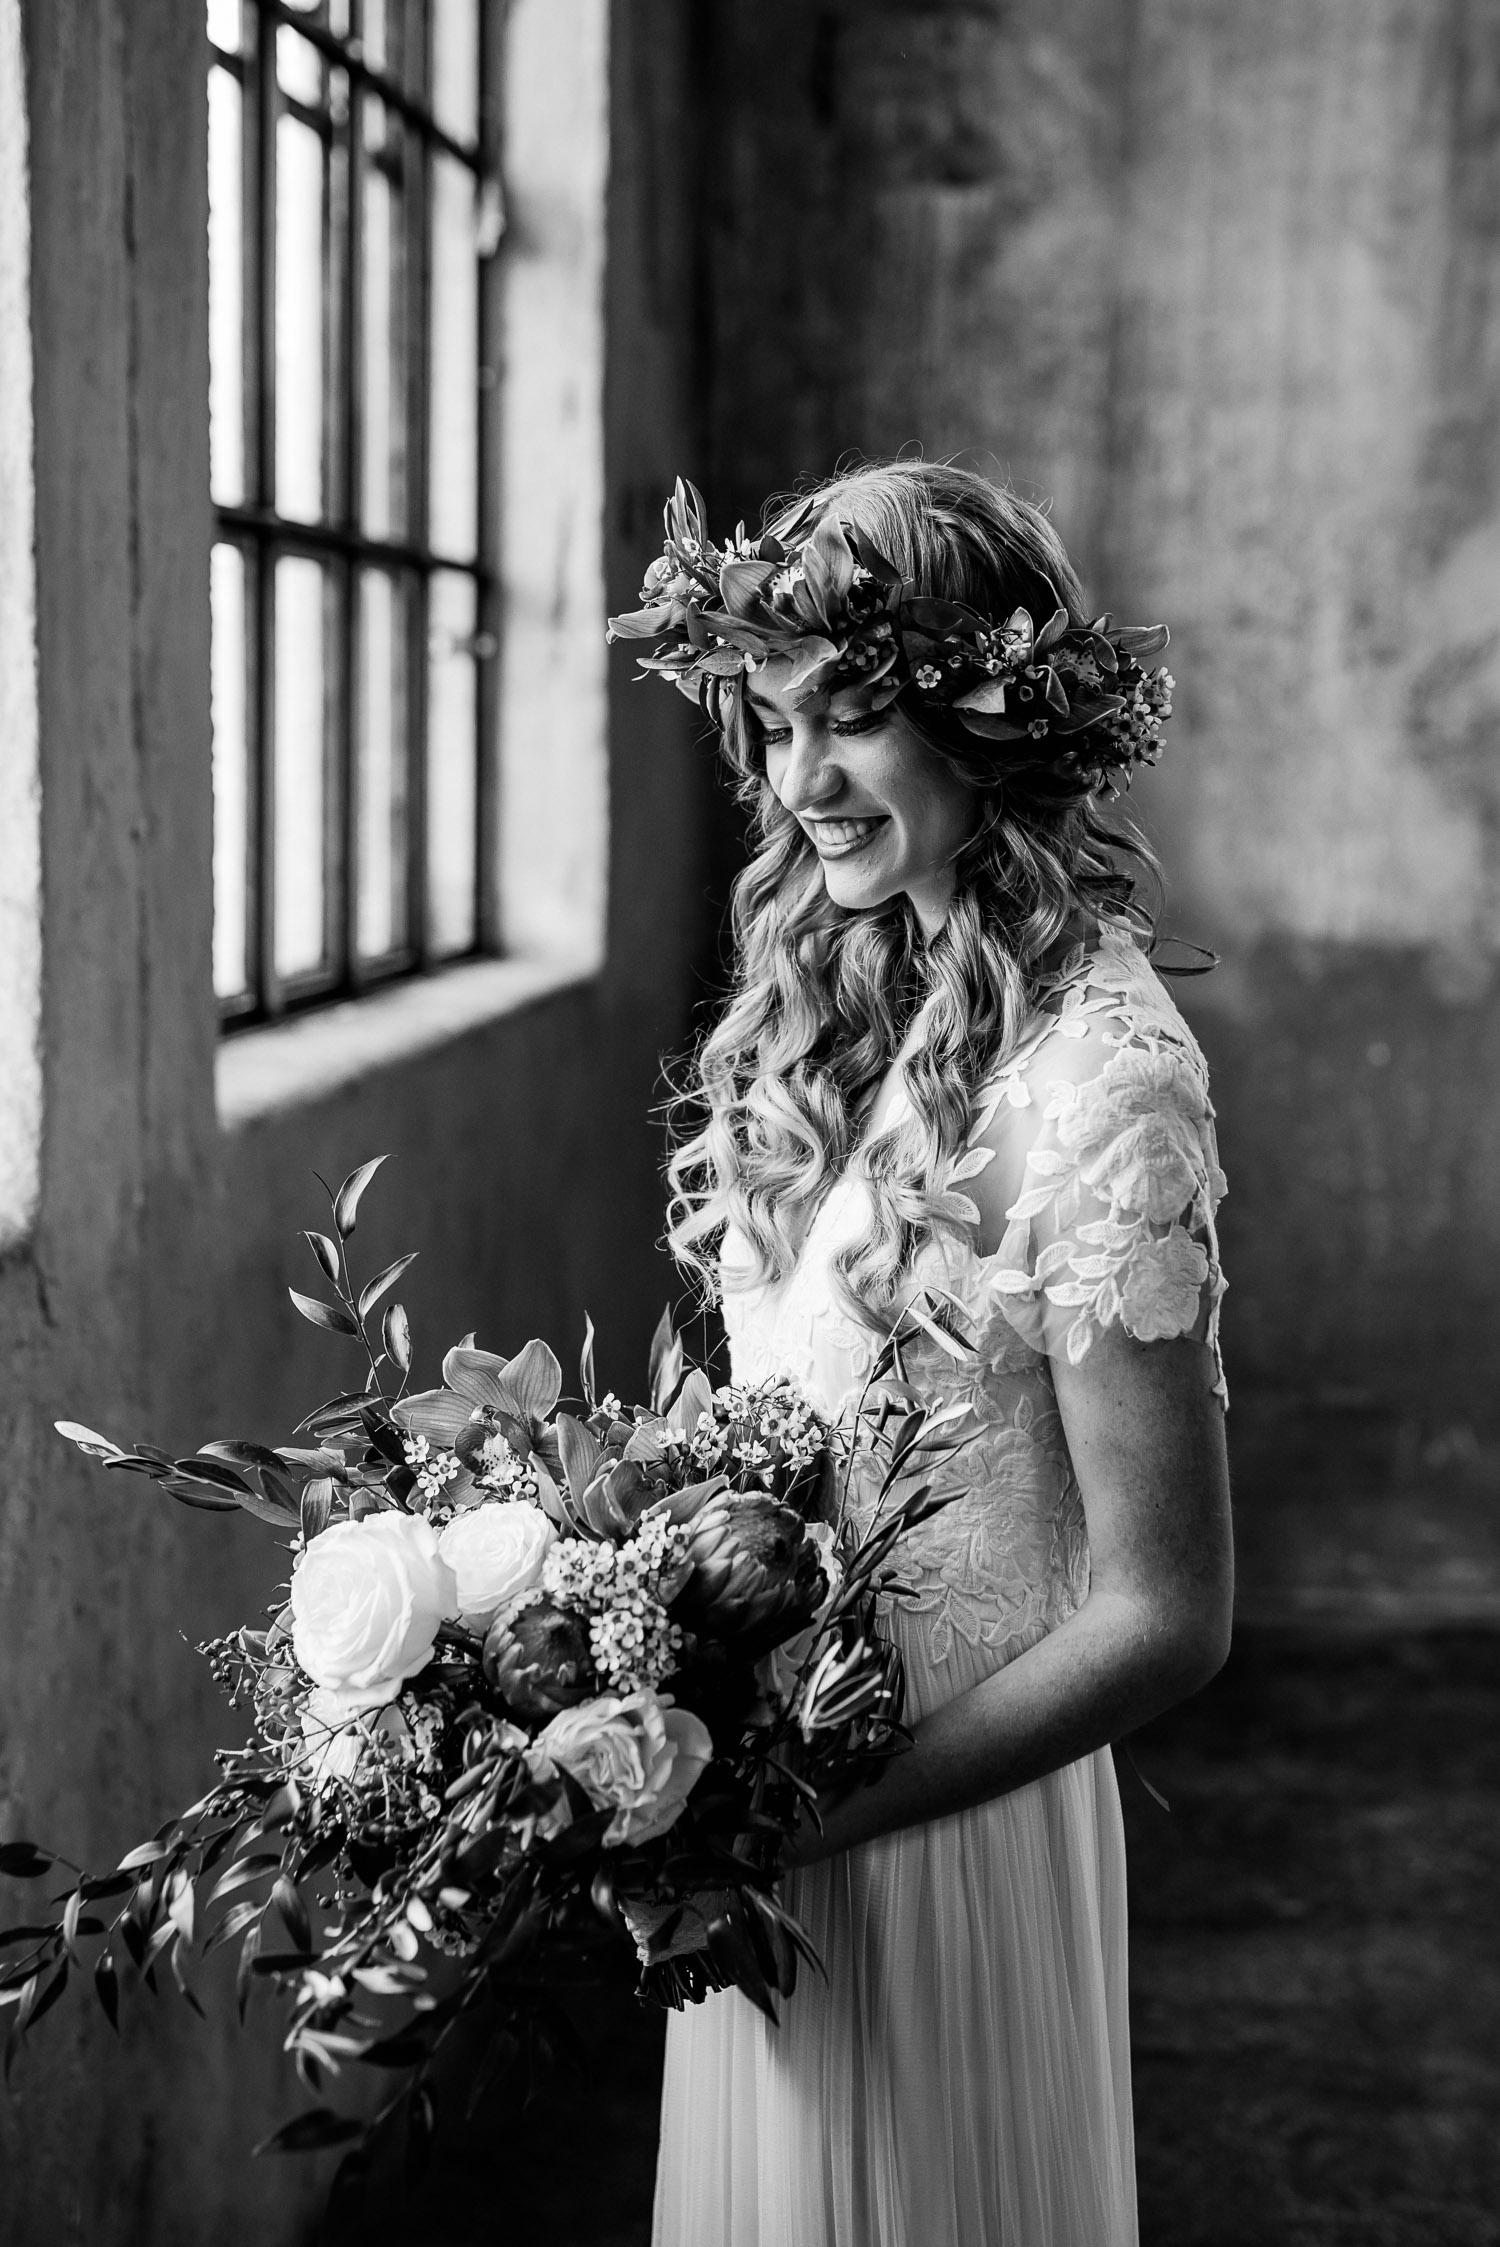 Hochzeit-Styledshoot-Schlafwagenfabrik-12 - (C) Lichtmädchen Fotografie Nicki Schäfer